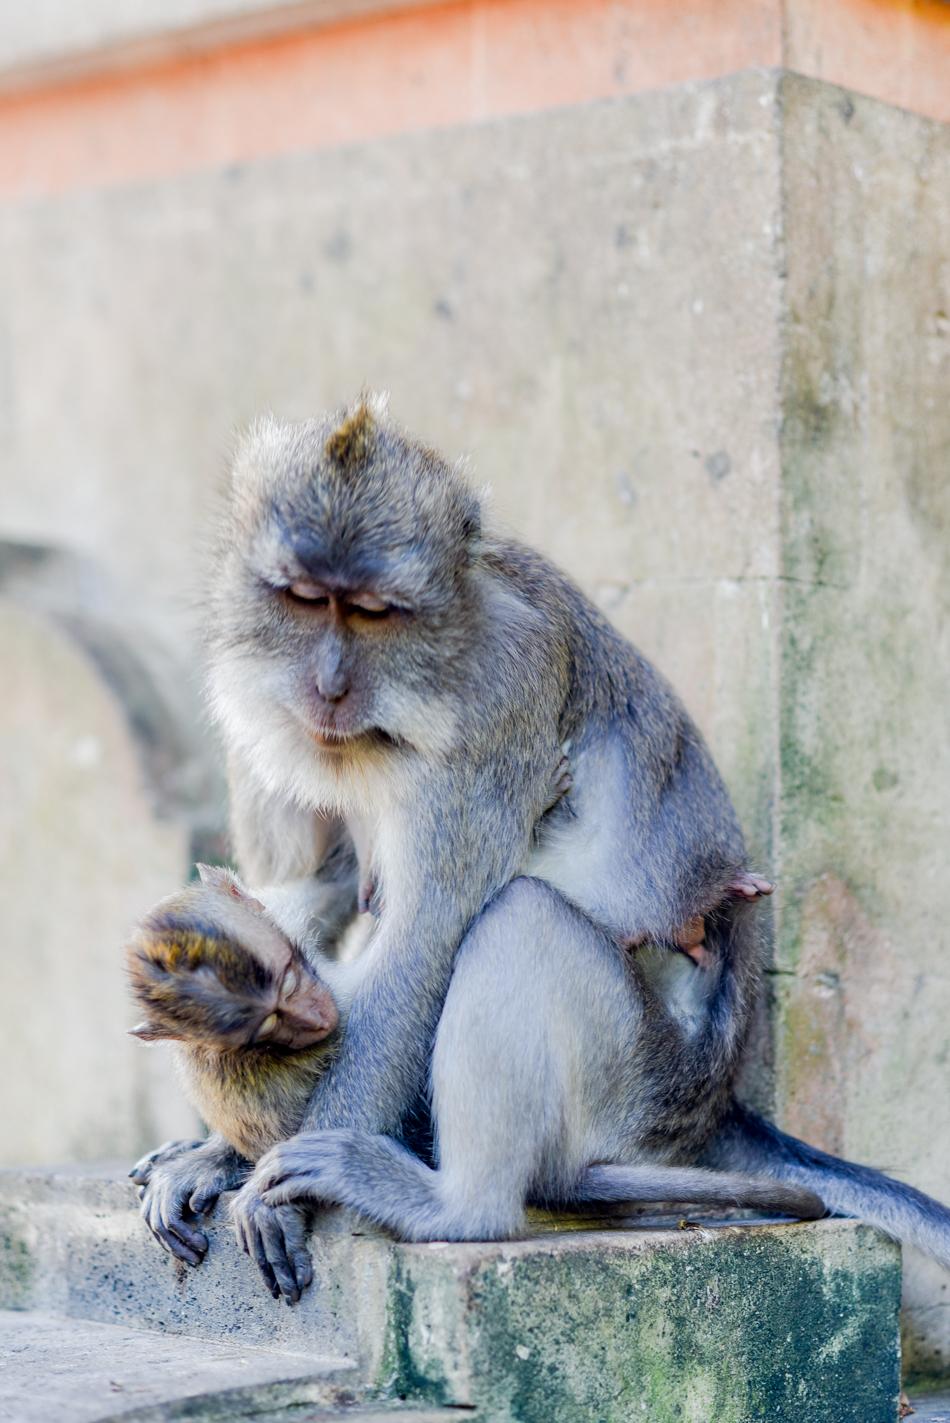 Bali-Honeymoon-Travel-AnaisStoelen-15.jpg